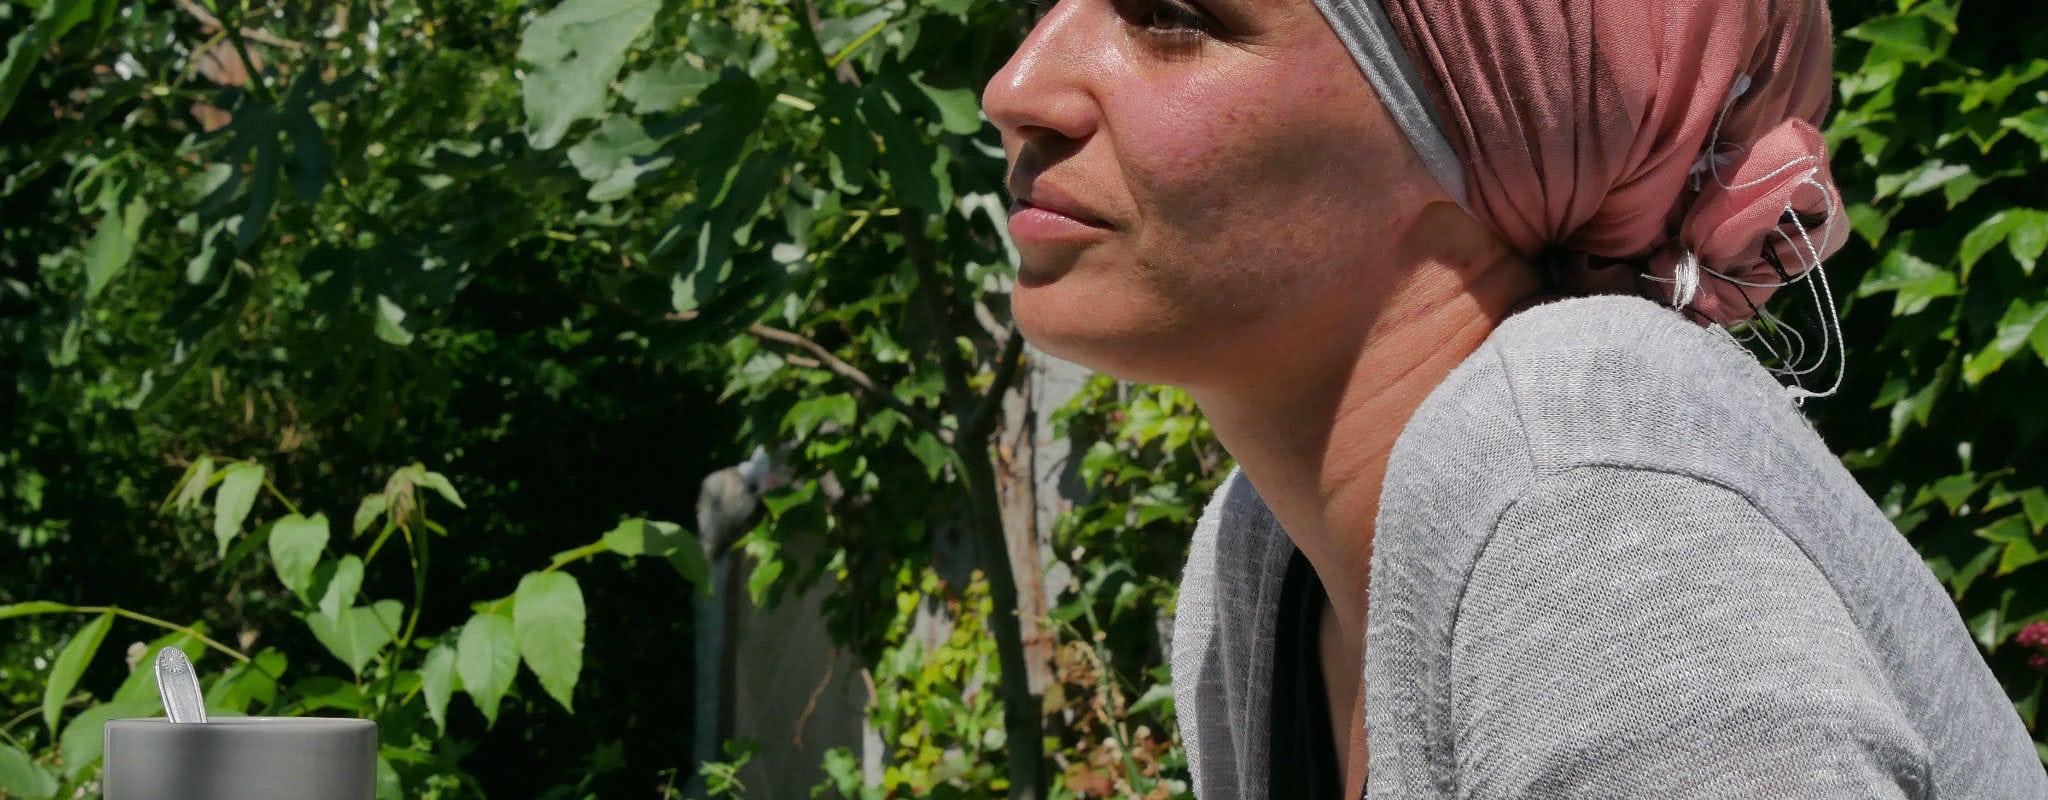 Sorties scolaires: «Je ne veux pas que mes enfants soient humiliés parce que je porte un foulard»